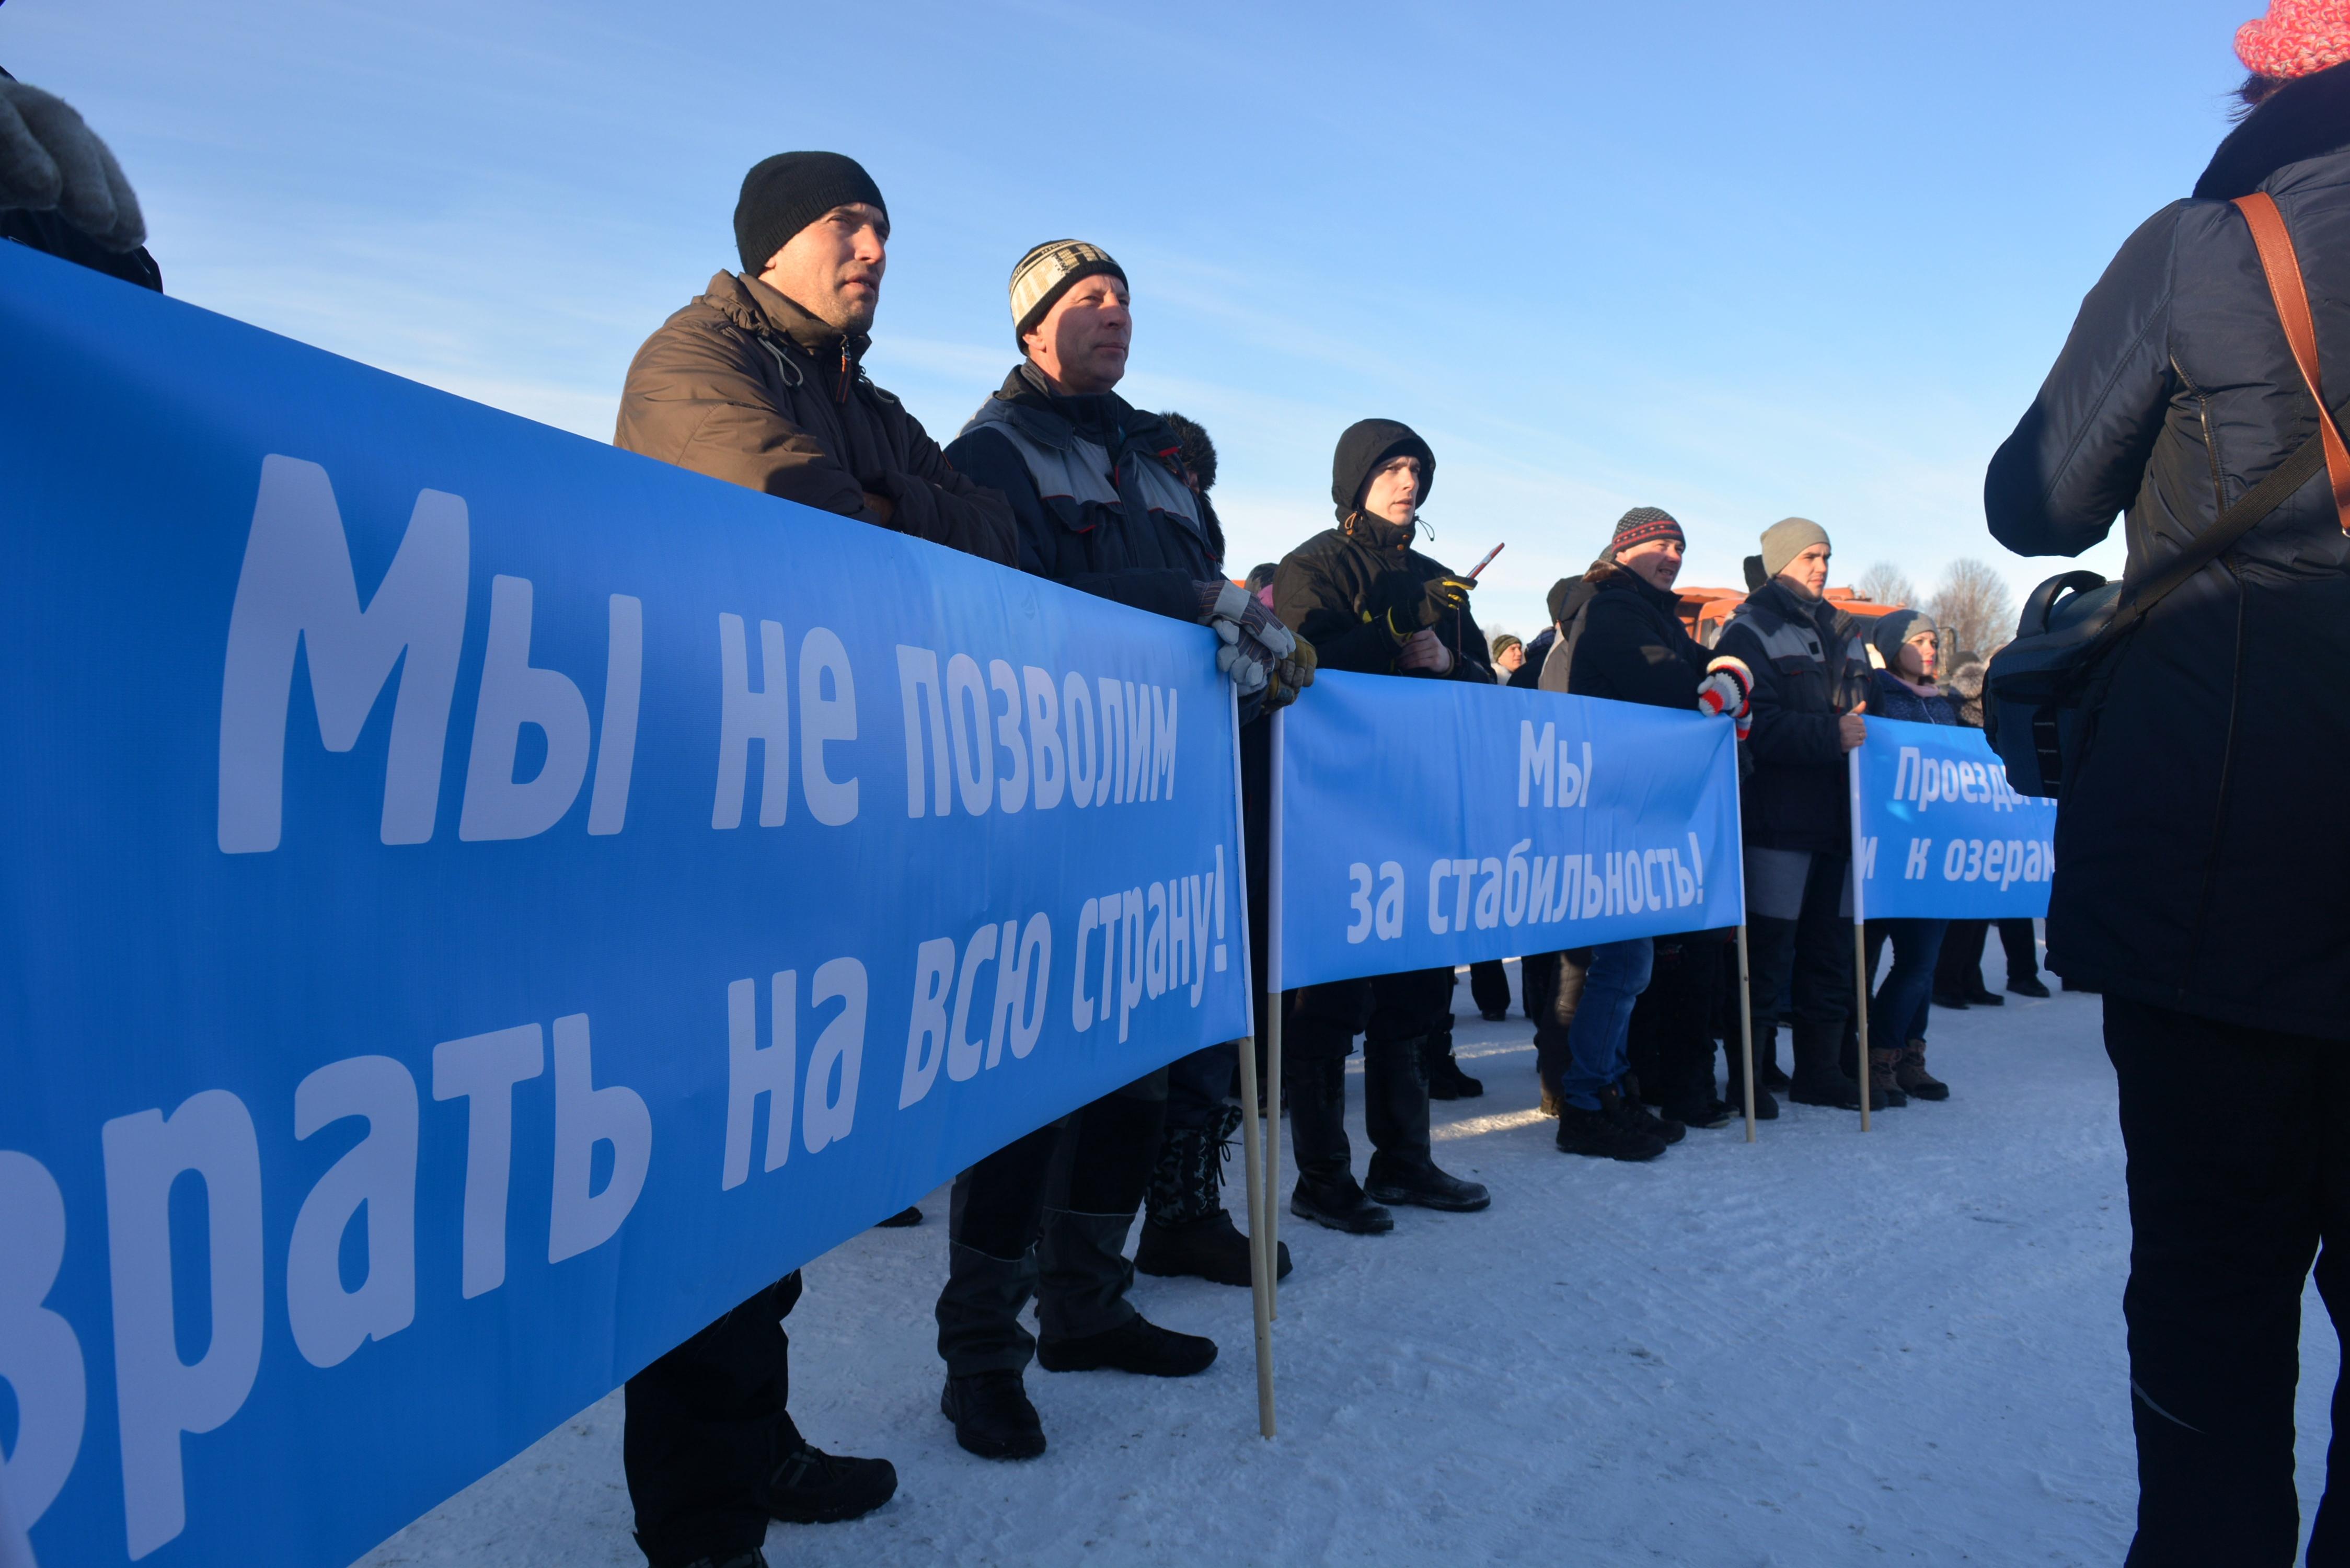 """Митинг в поддержку """"Черных камней"""" был организован с размахом. Фото: Алексей Владимиров"""